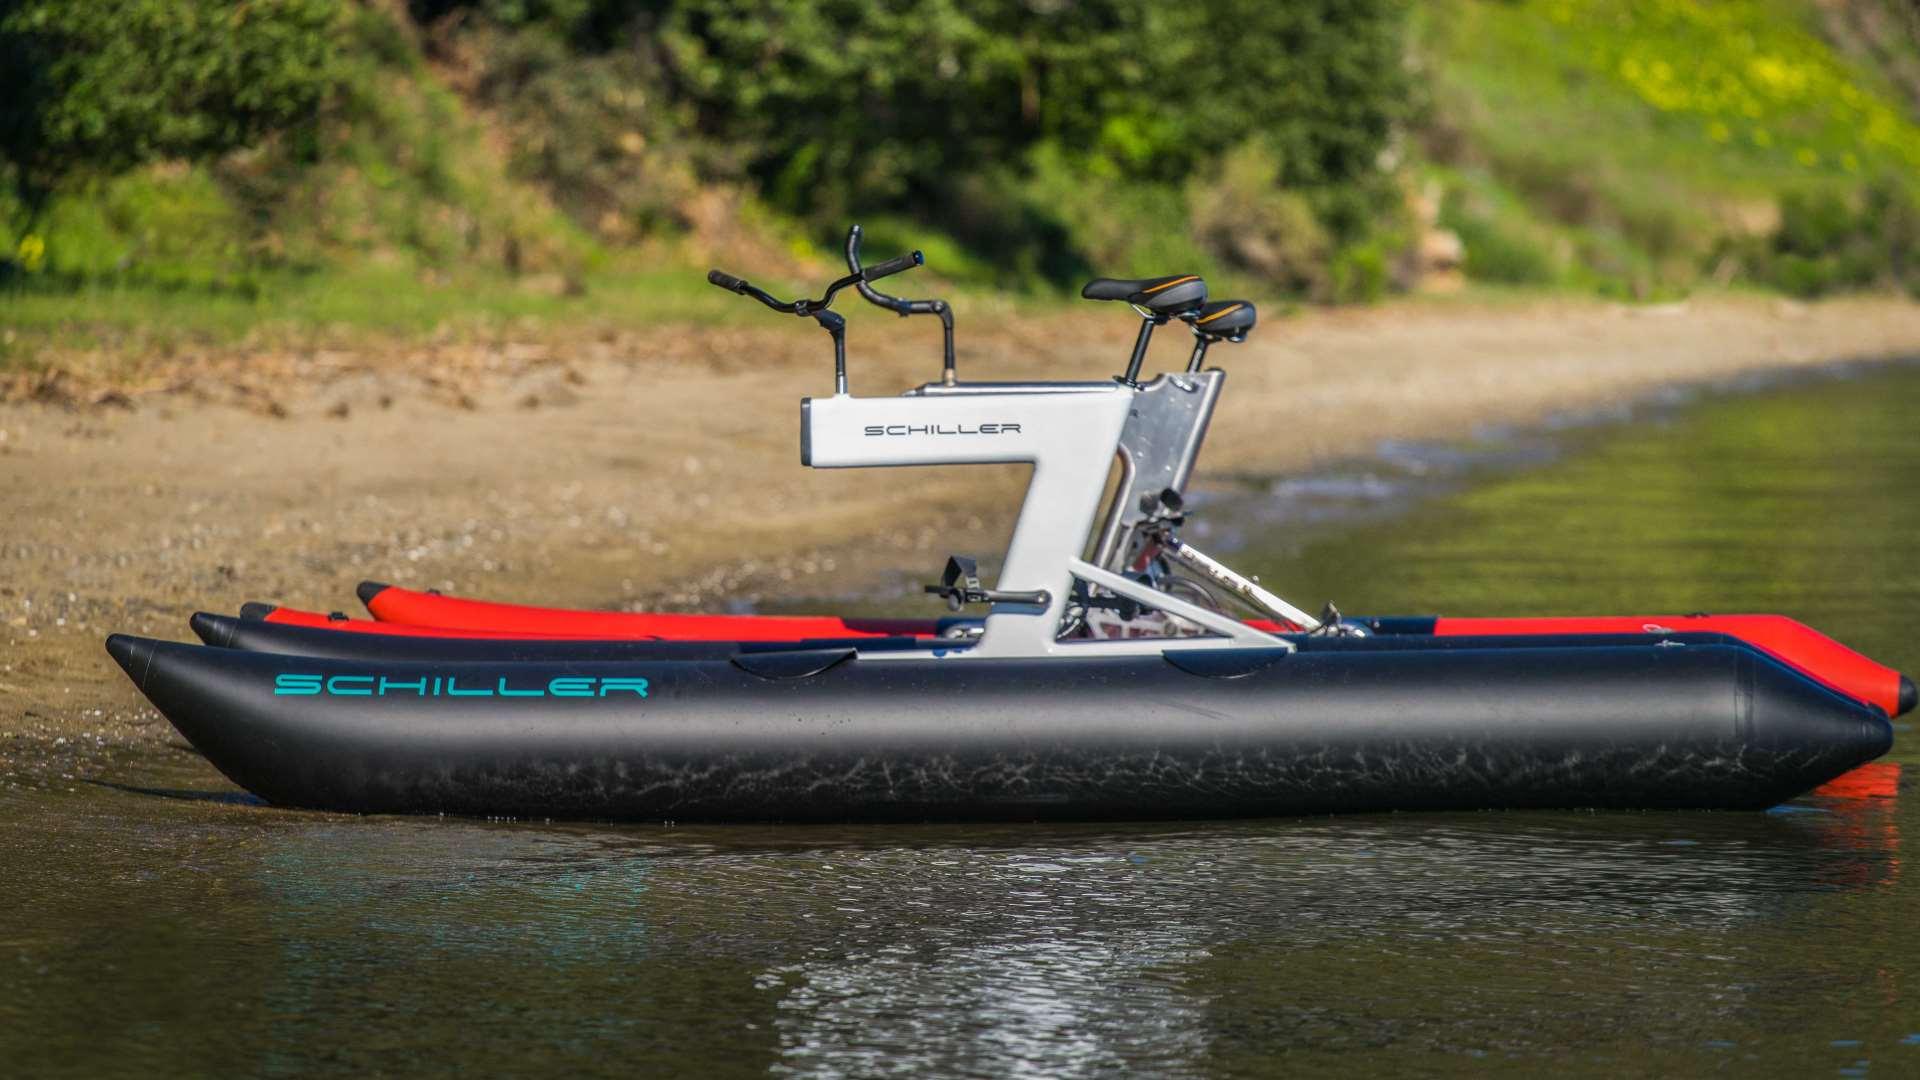 Schiller Water Bike Toysforbigboys Com